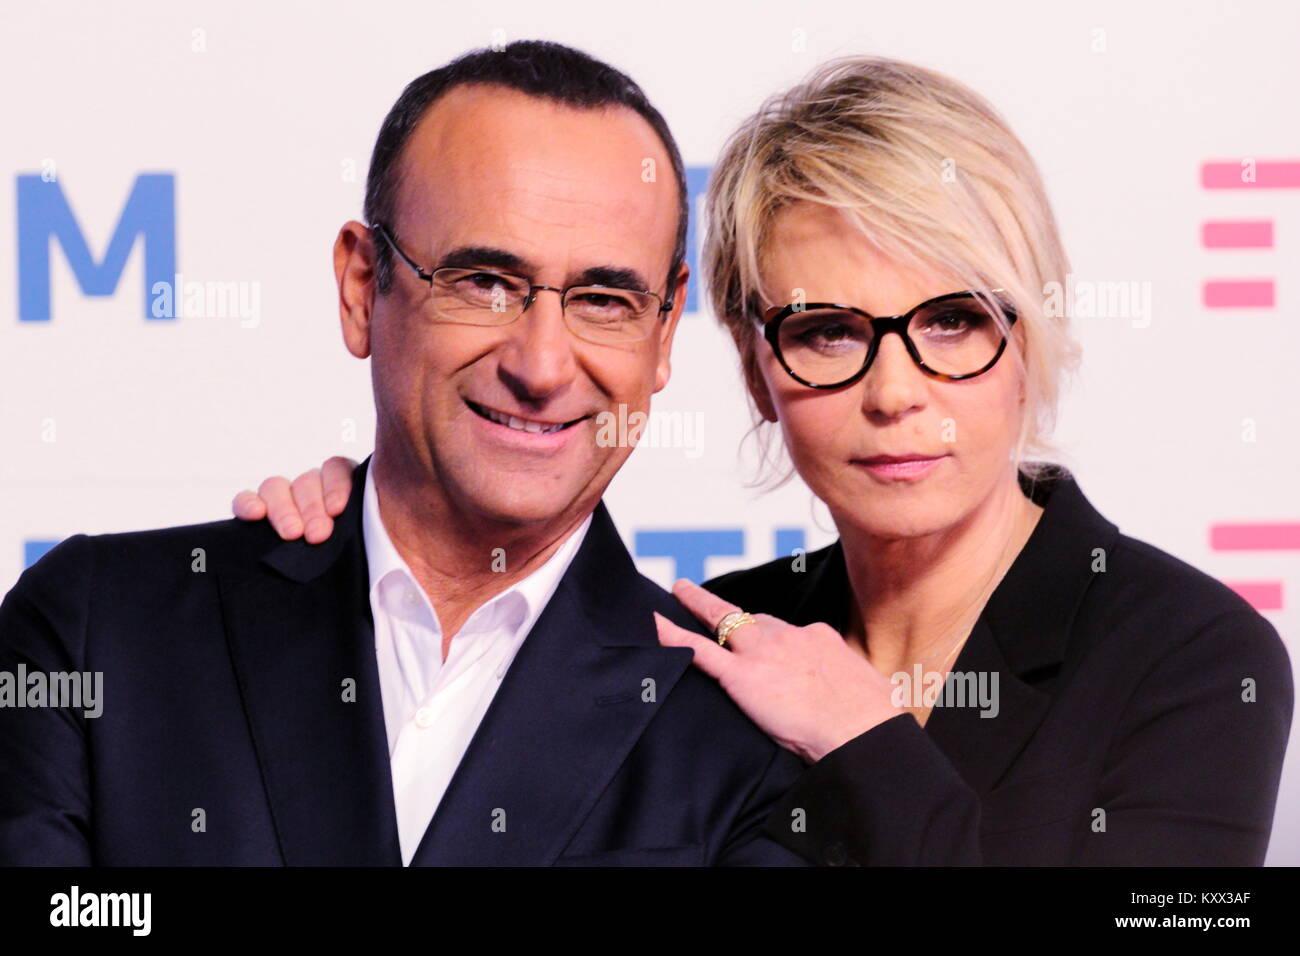 Carlo Conti e maria de Filippi, photocall Festival di Sanremo 2017.Conferenza stampa presso sala Roof del teatro Ariston. Stock Photo